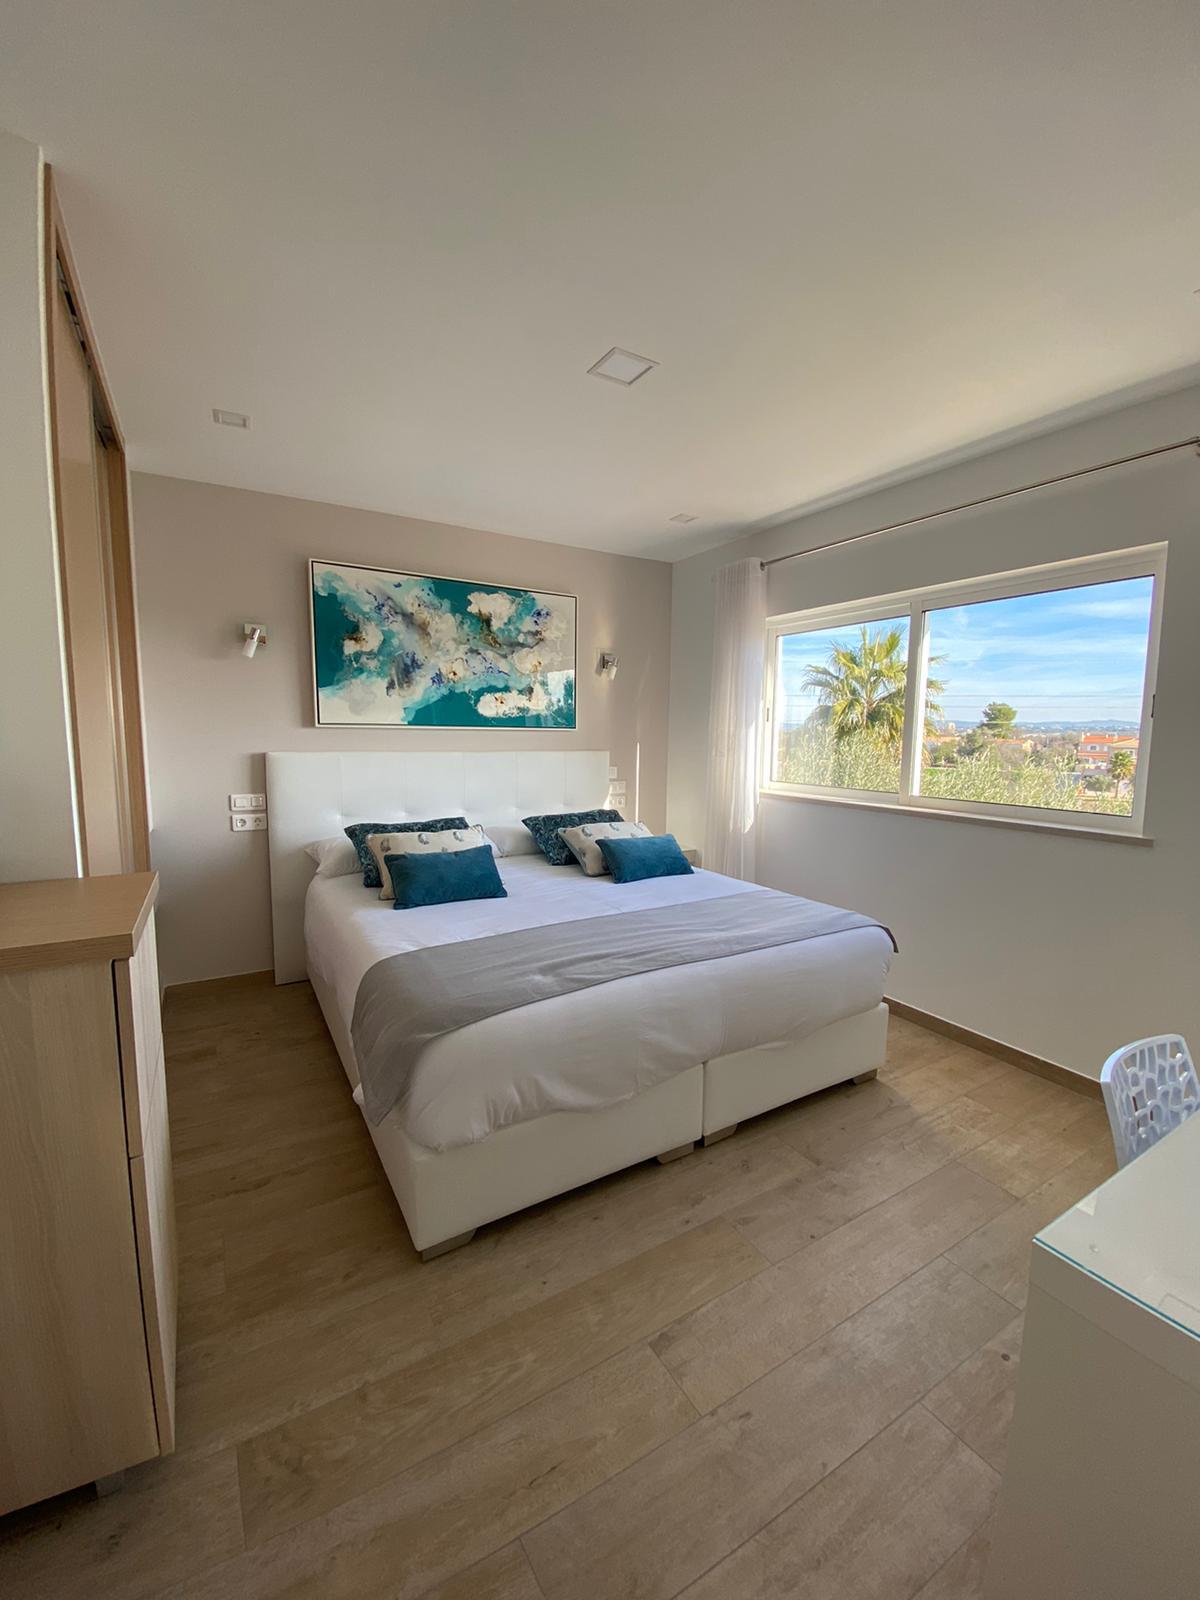 Holiday apartments and villas for rent, Villa L'Estaque , chambres d'hôtes in Armação de Pêra, Portugal Algarve, REF_IMG_15648_15651